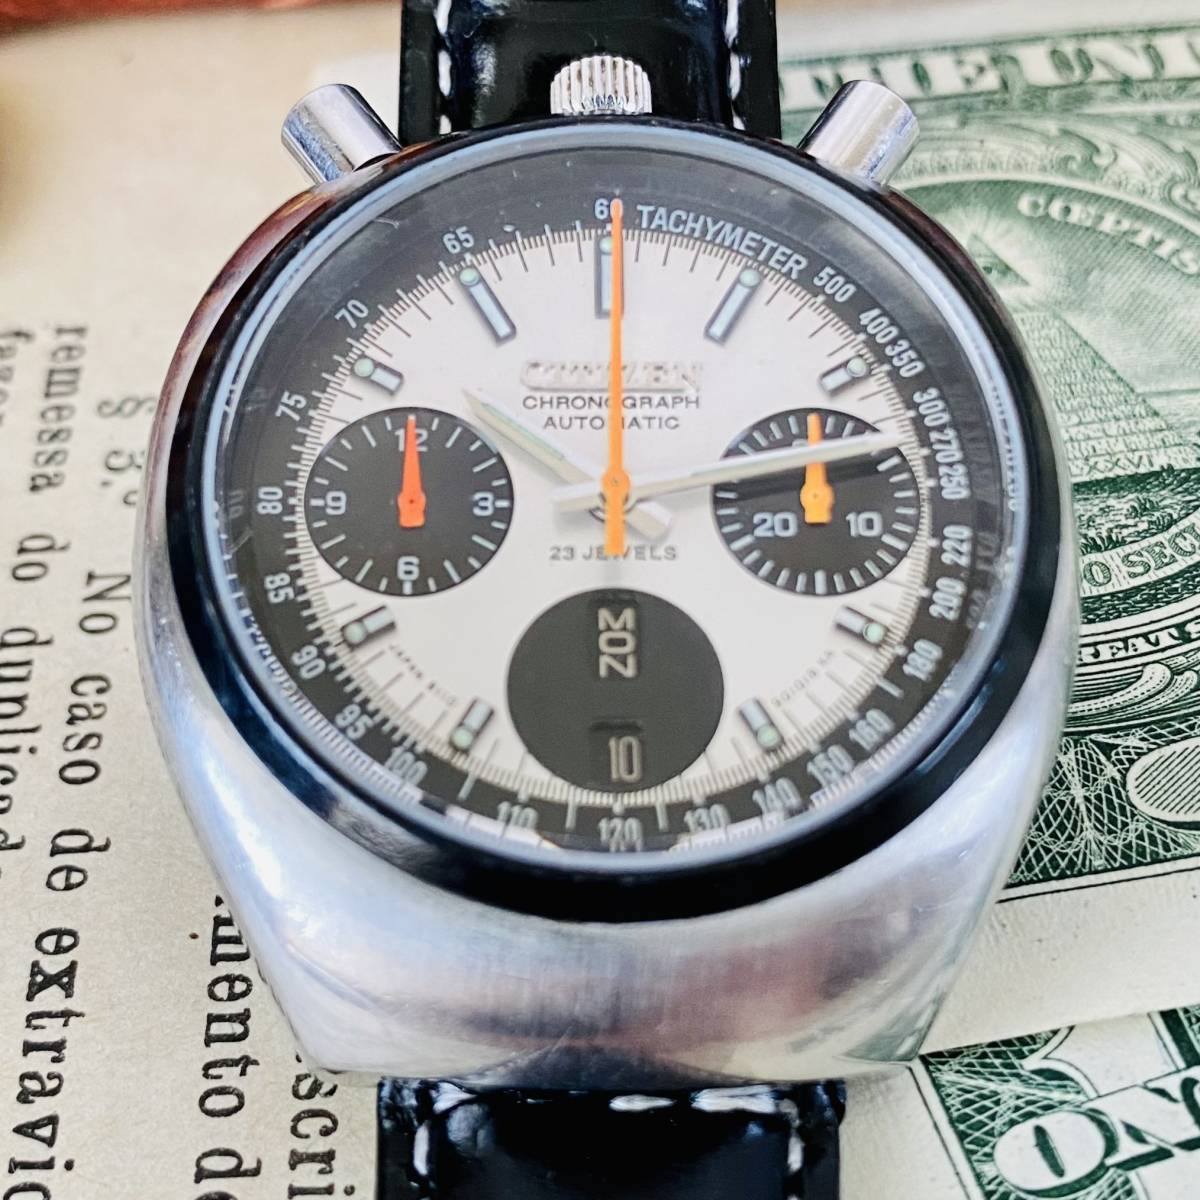 【高級腕時計 シチズン】CITIZEN 8110A クロノグラフ 自動巻 1979年 デイデイト ツノ メンズ レディース アナログ パンダ チャレンジ_画像5